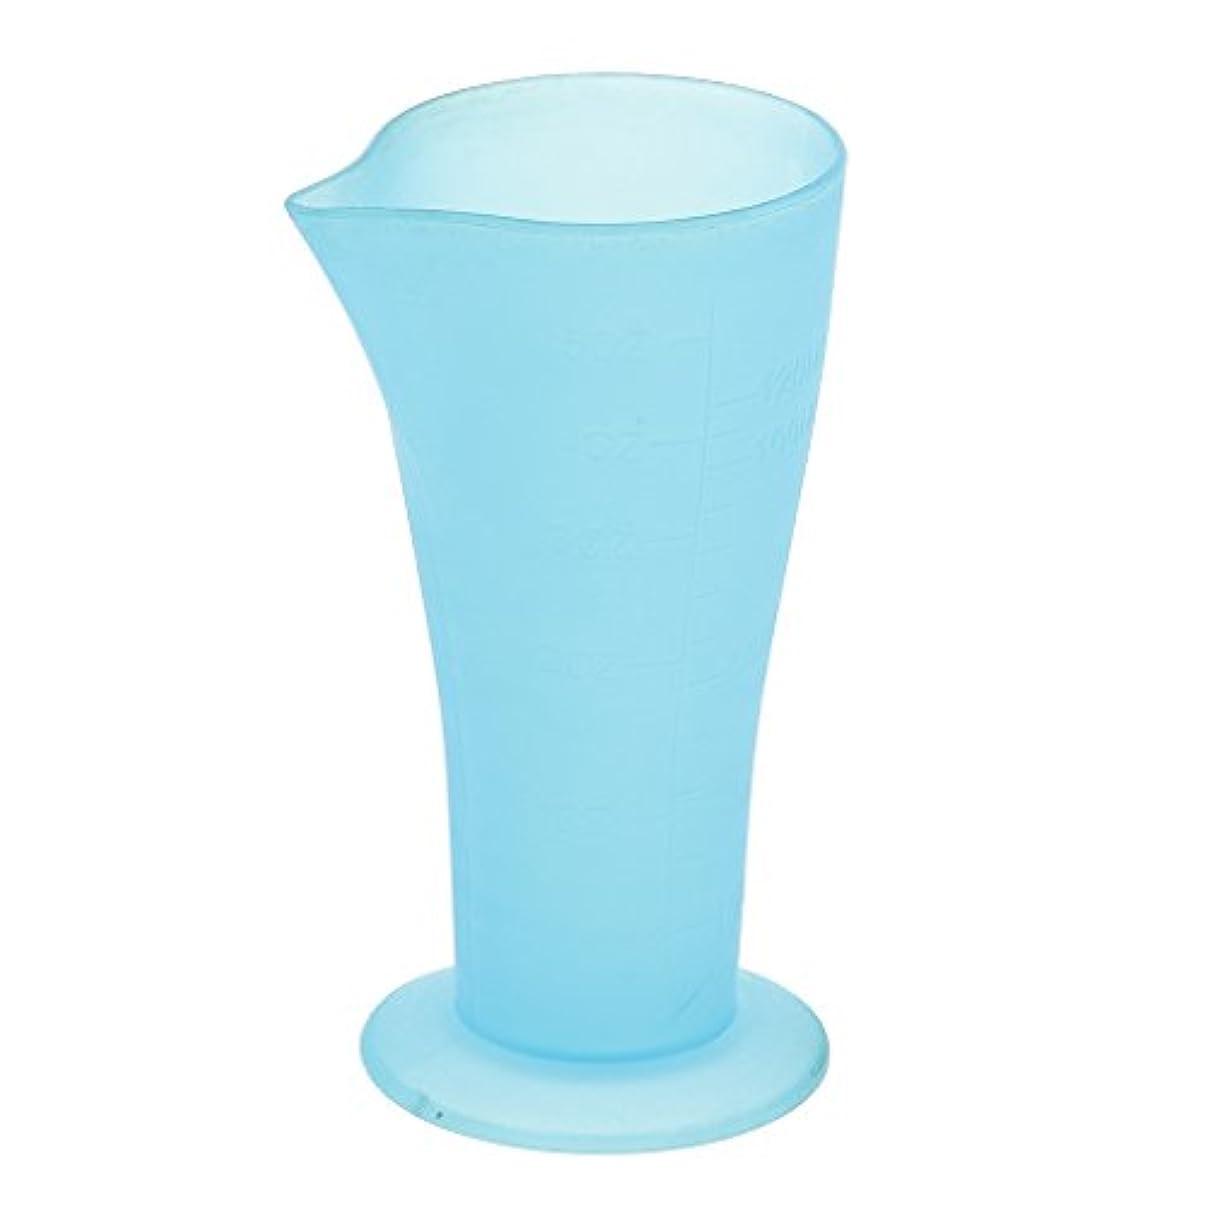 スカートますます大いにCUTICATE 計量カップ ヘアダイカップ ヘアカラーカップ 再使用可 120mL ヘアサロン